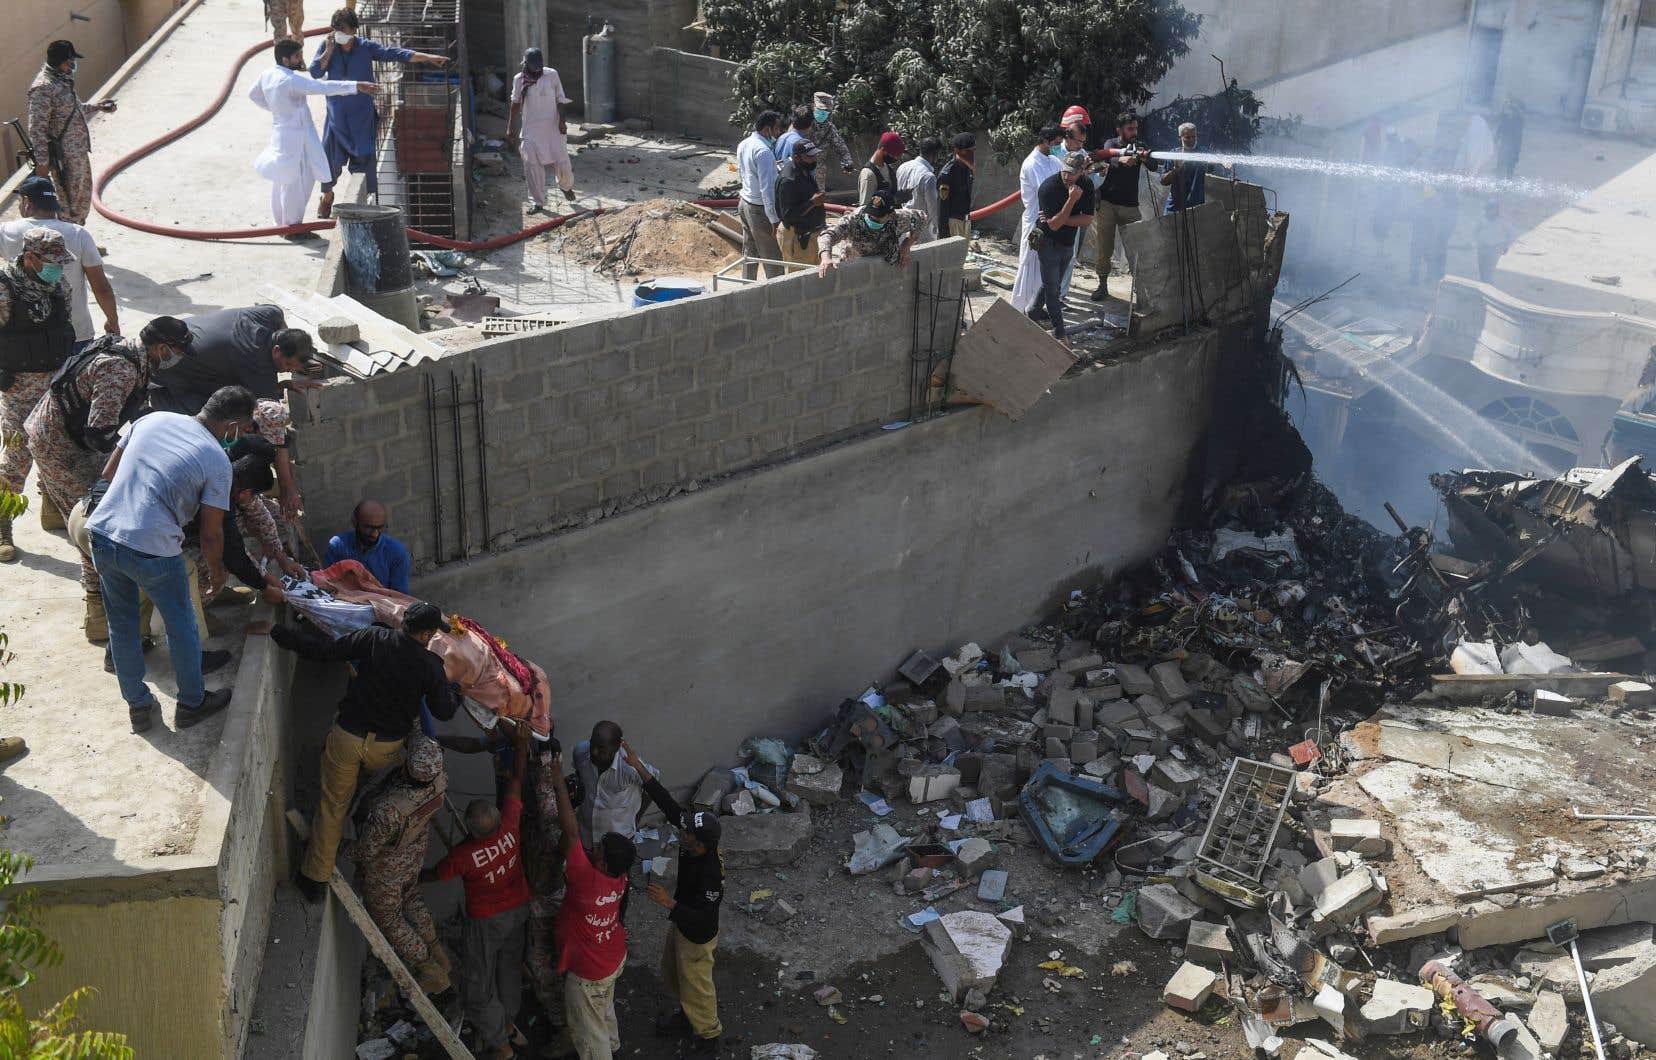 La catastrophe survient quelques jours seulement après que le pays a autorisé la reprise des vols commerciaux internes.